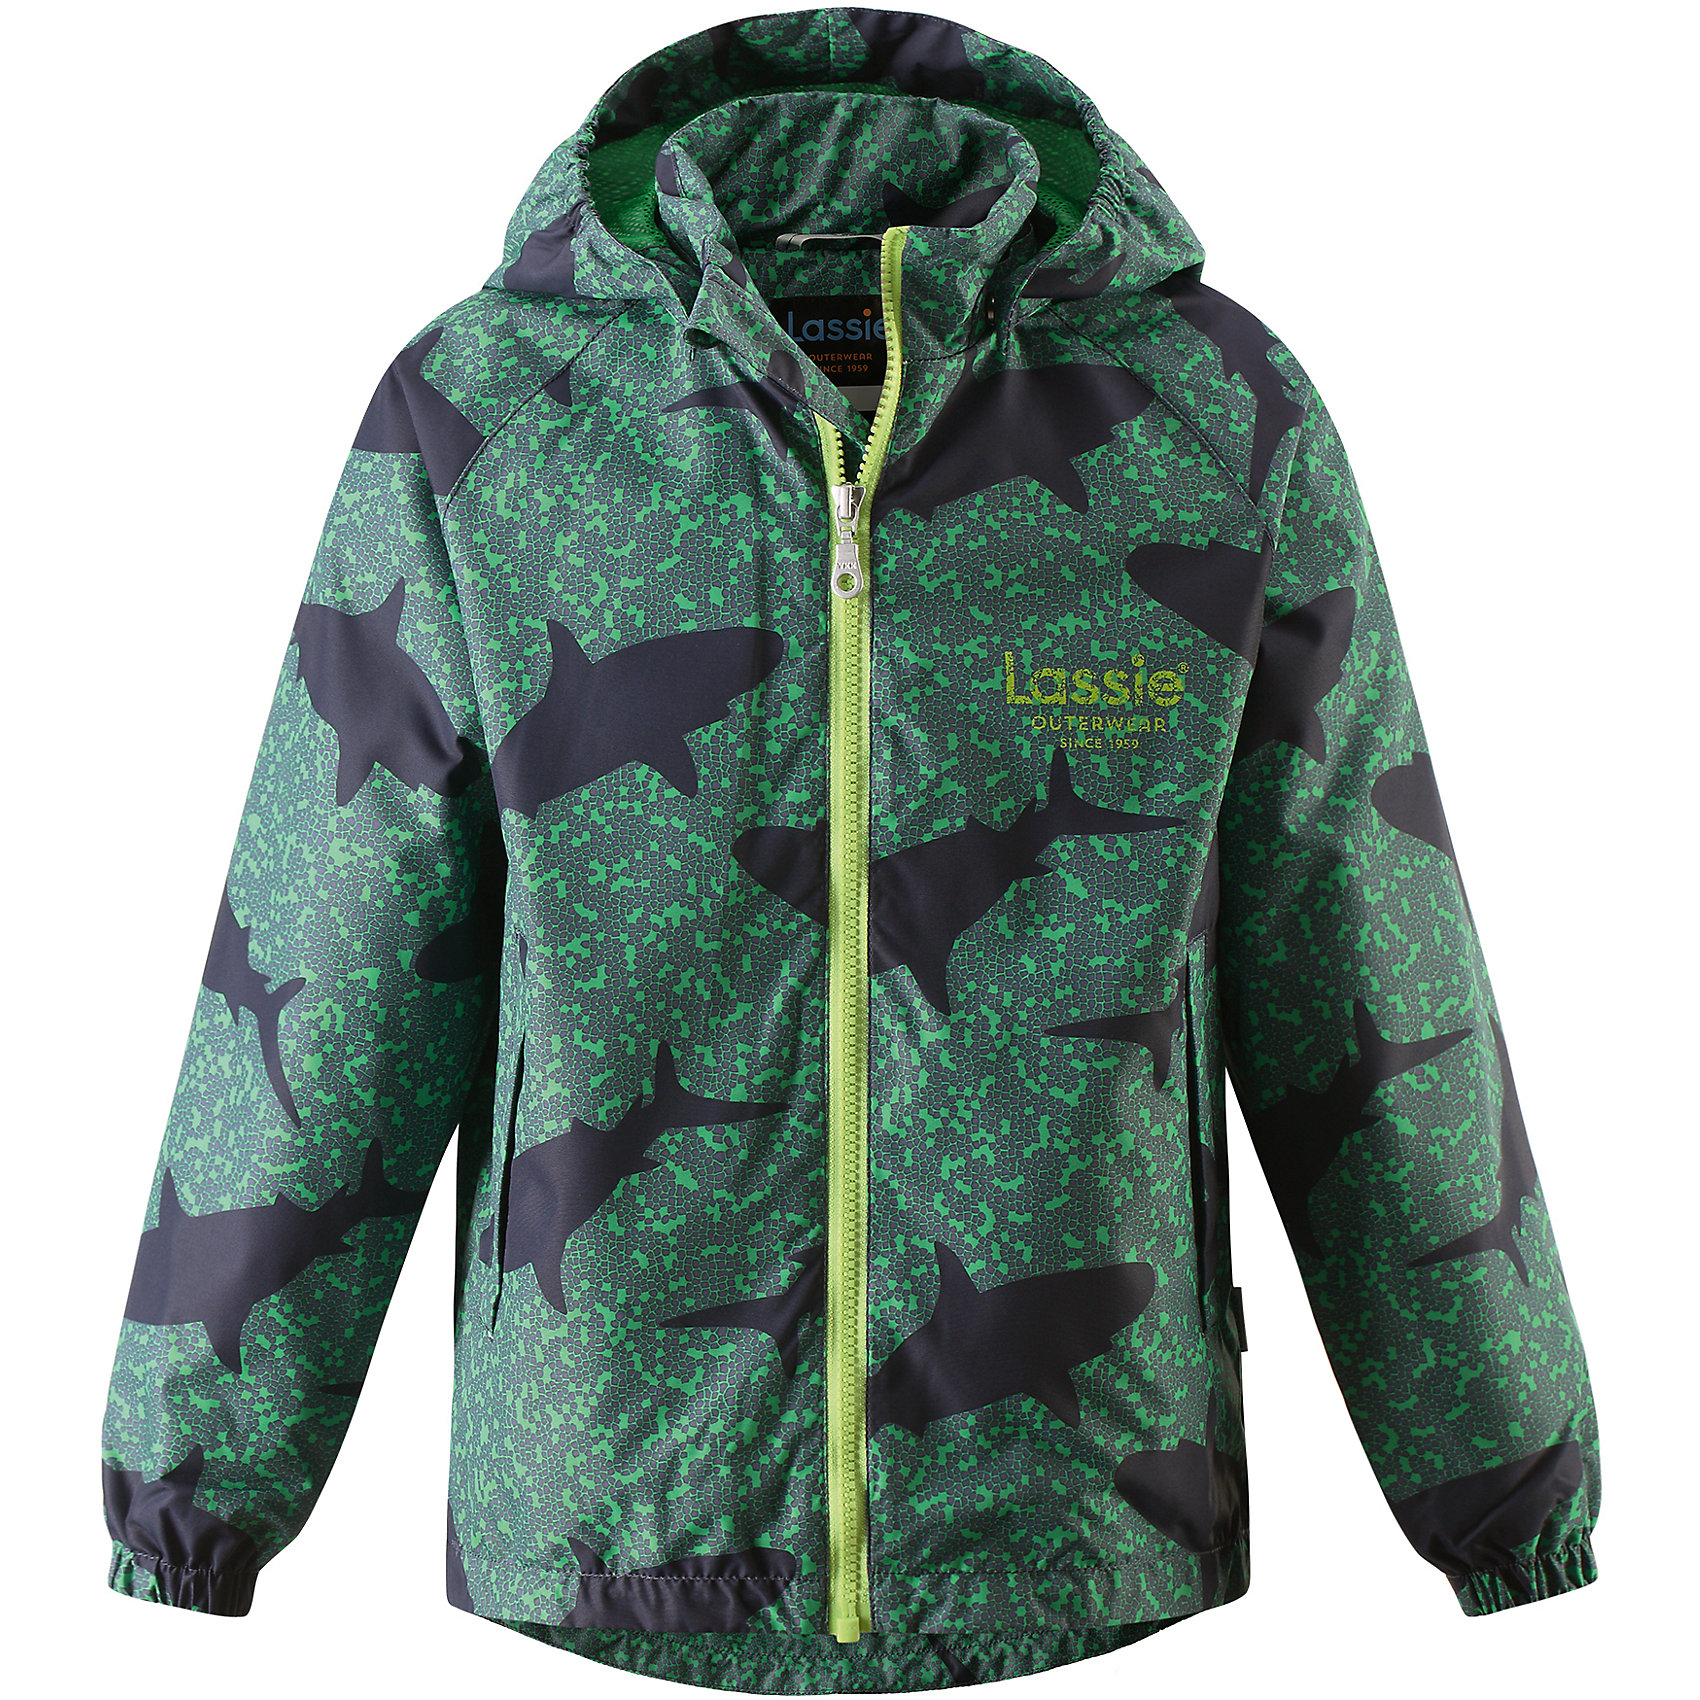 Куртка для мальчика LASSIEОдежда<br>Курткадля мальчика LASSIE<br>Состав:<br>100% Полиэстер, полиуретановое покрытие<br> Куртка для детей<br> Водоотталкивающий, ветронепроницаемый и «дышащий» материал<br> Подкладка из mesh-сетки<br> Безопасный, съемный капюшон<br> Эластичные манжеты<br> Регулируемый подол<br> Два прорезных кармана<br><br>Ширина мм: 356<br>Глубина мм: 10<br>Высота мм: 245<br>Вес г: 519<br>Цвет: зеленый<br>Возраст от месяцев: 3<br>Возраст до месяцев: 48<br>Пол: Мужской<br>Возраст: Детский<br>Размер: 104,110,116,122,128,134,92,98,140<br>SKU: 5264505